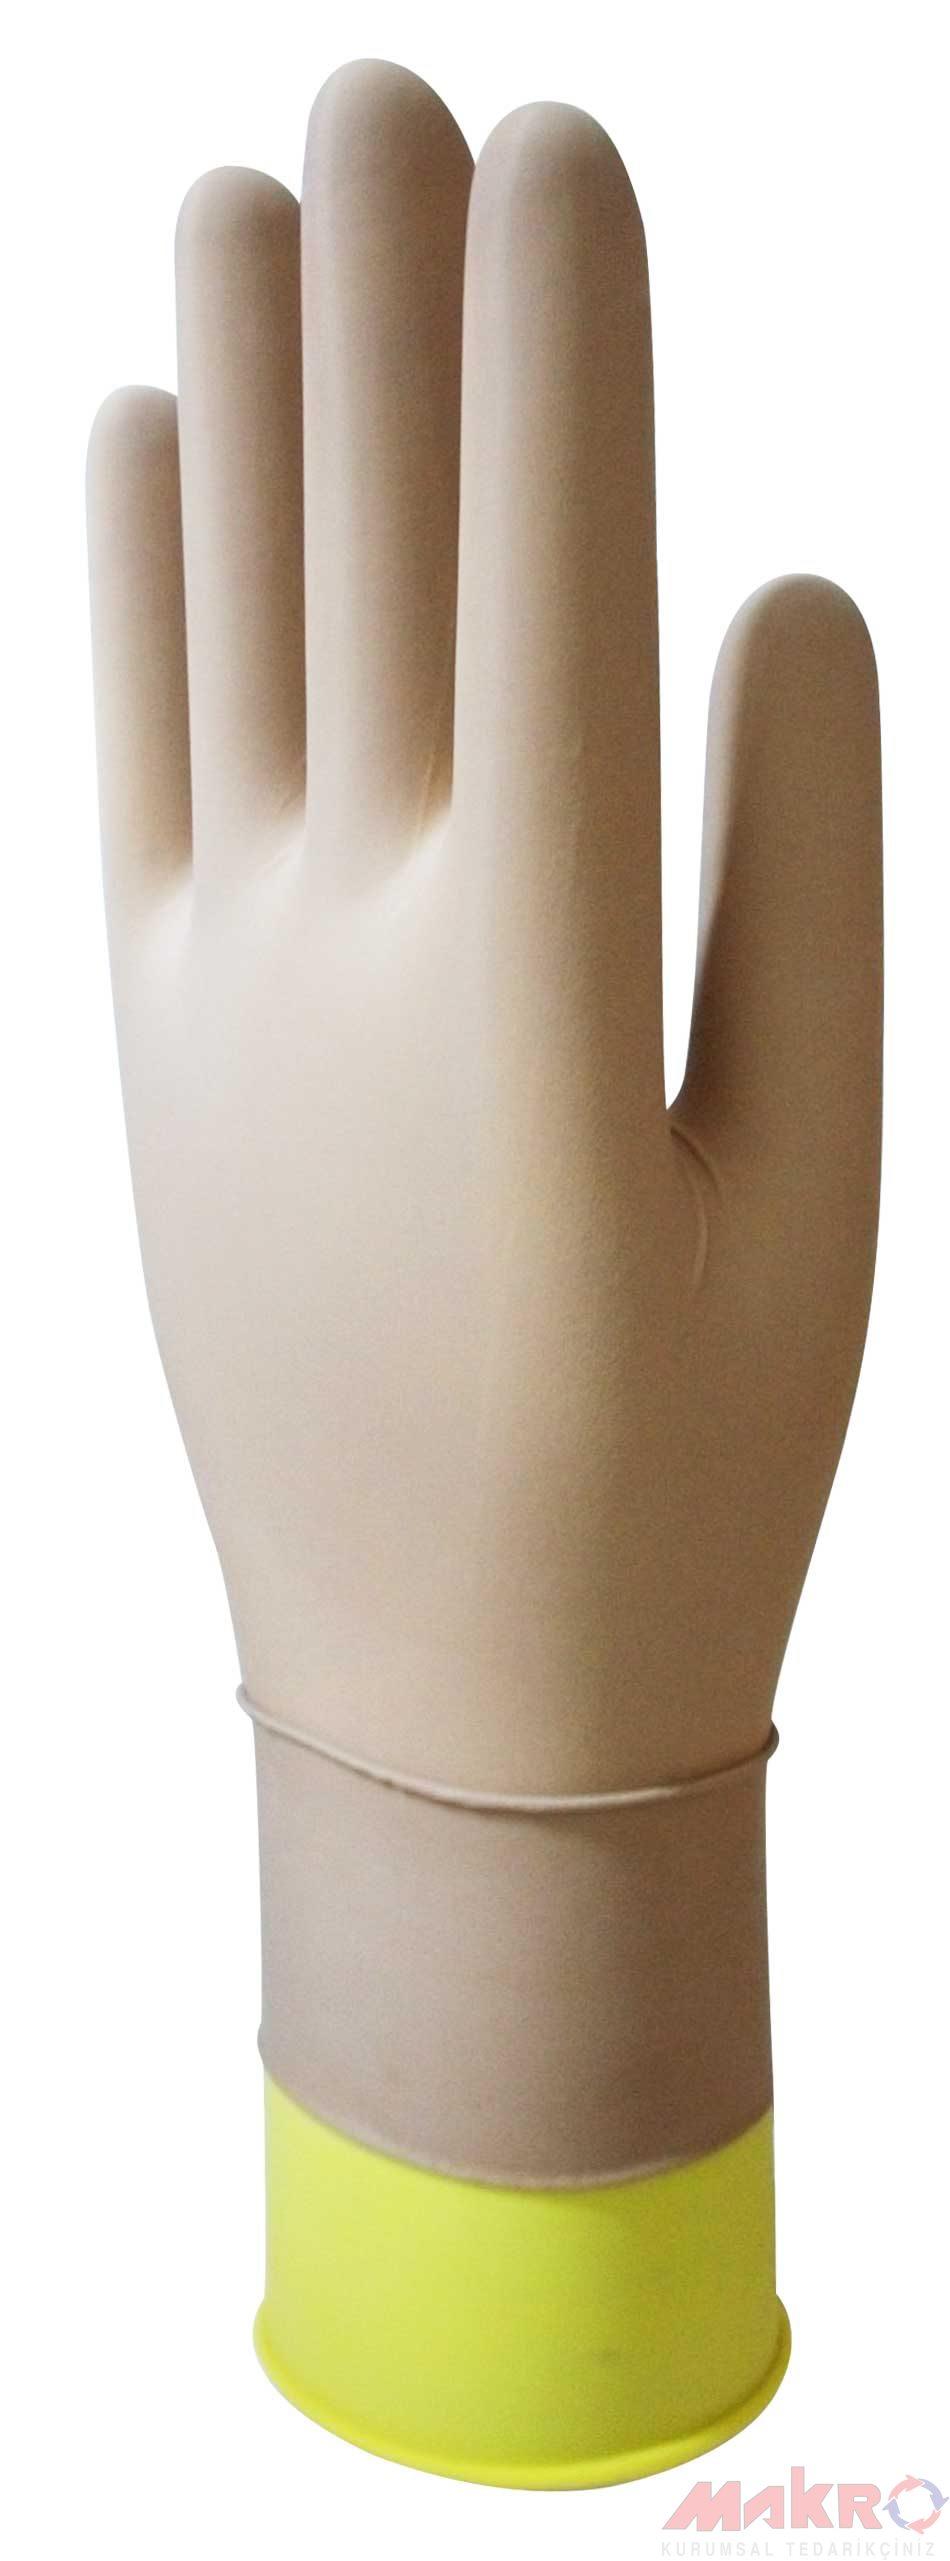 Beybi-steril-cerrahi-eldiven-çift-katlı